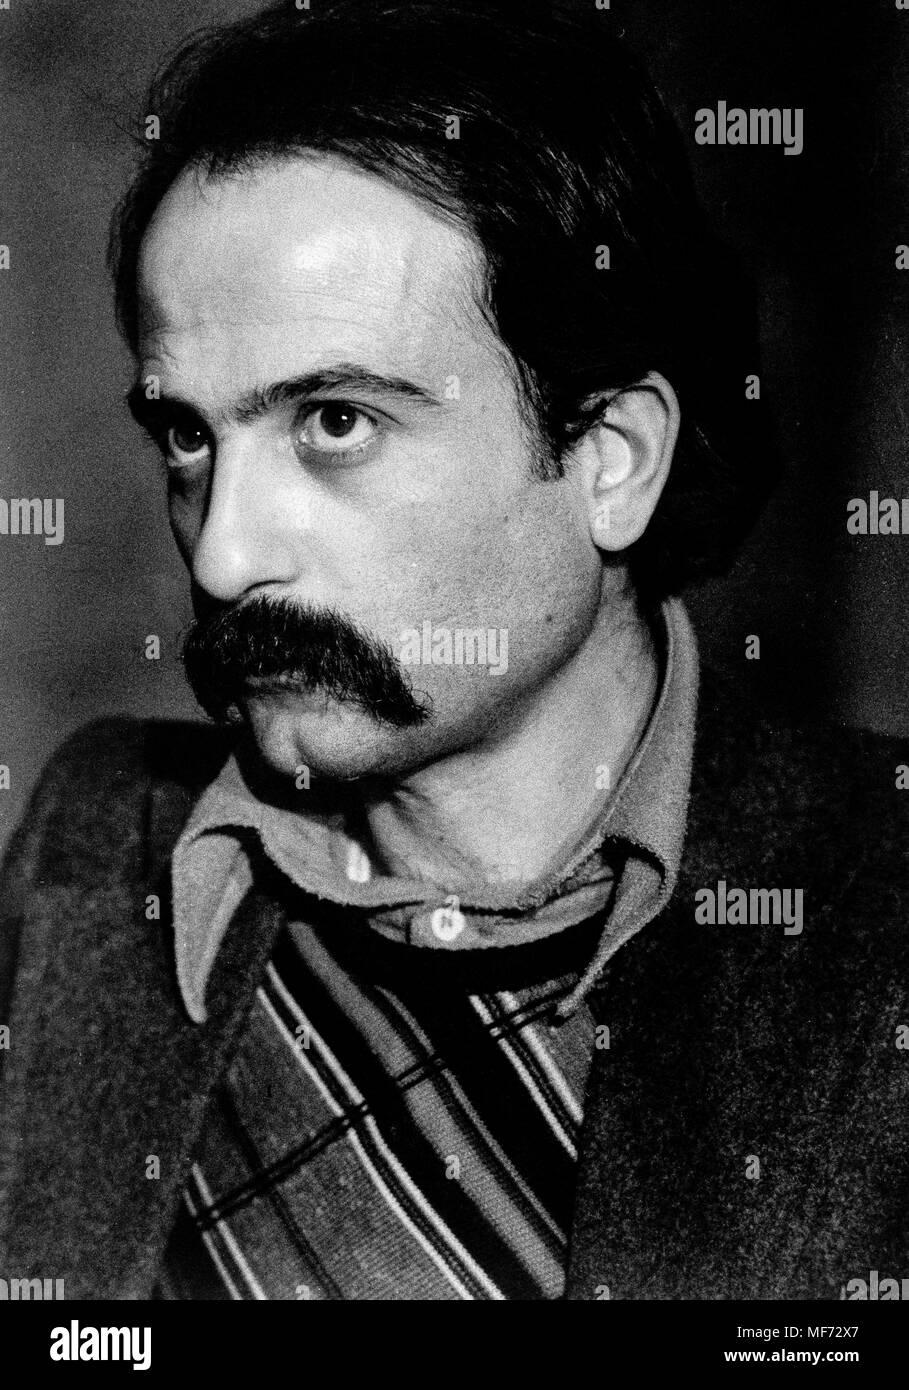 Aldo rescio, 70s Immagini Stock